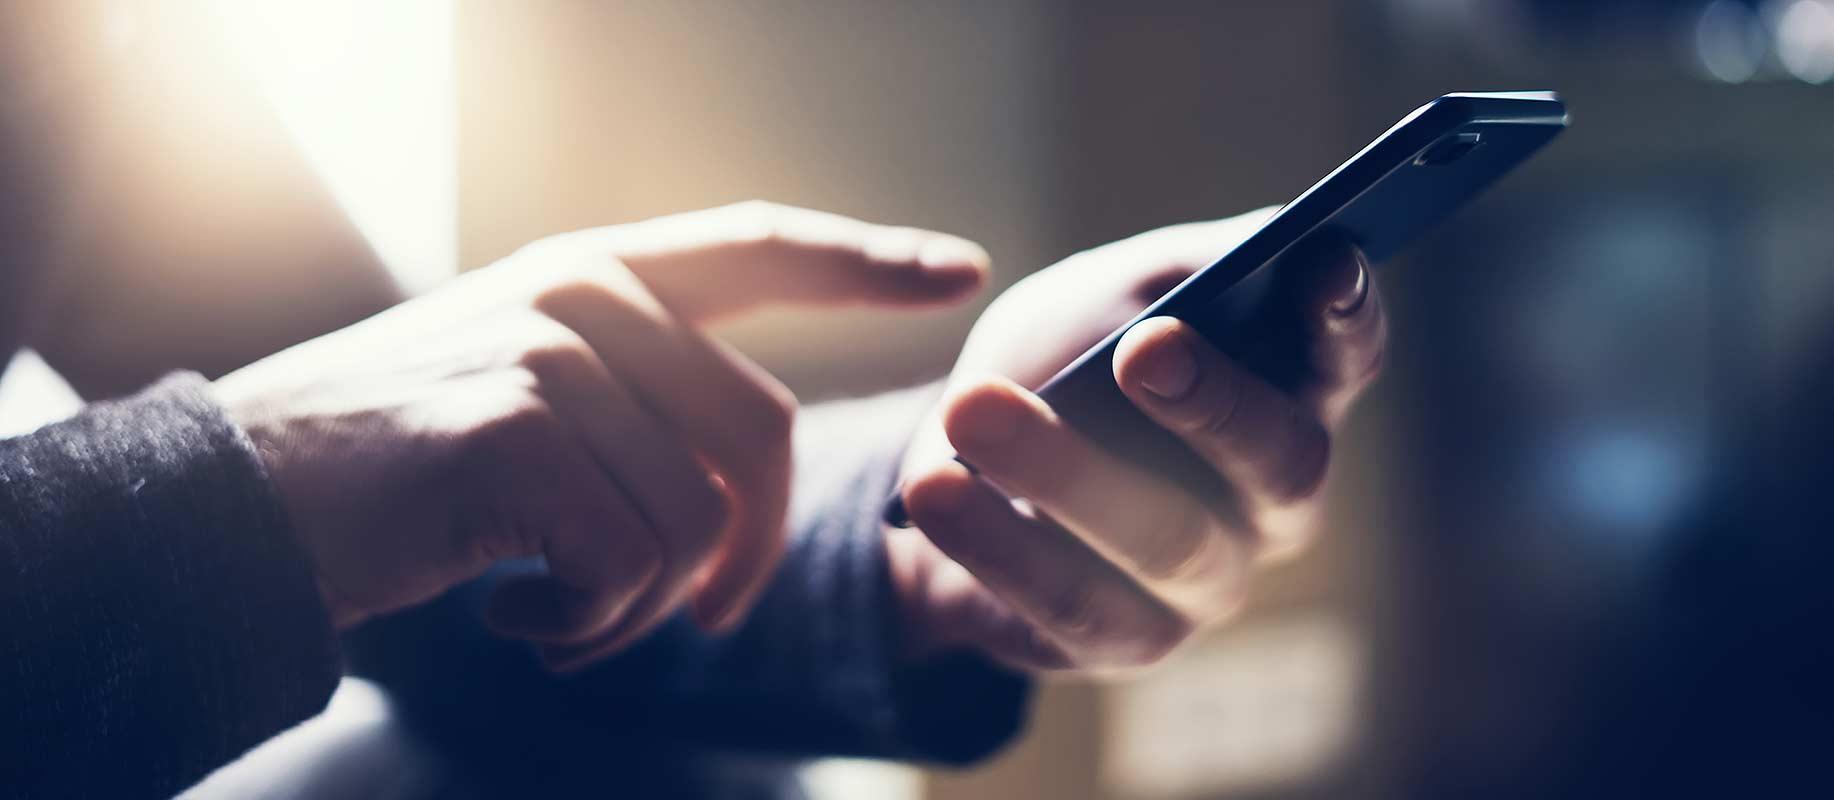 forfait mobile pro avec smartphone